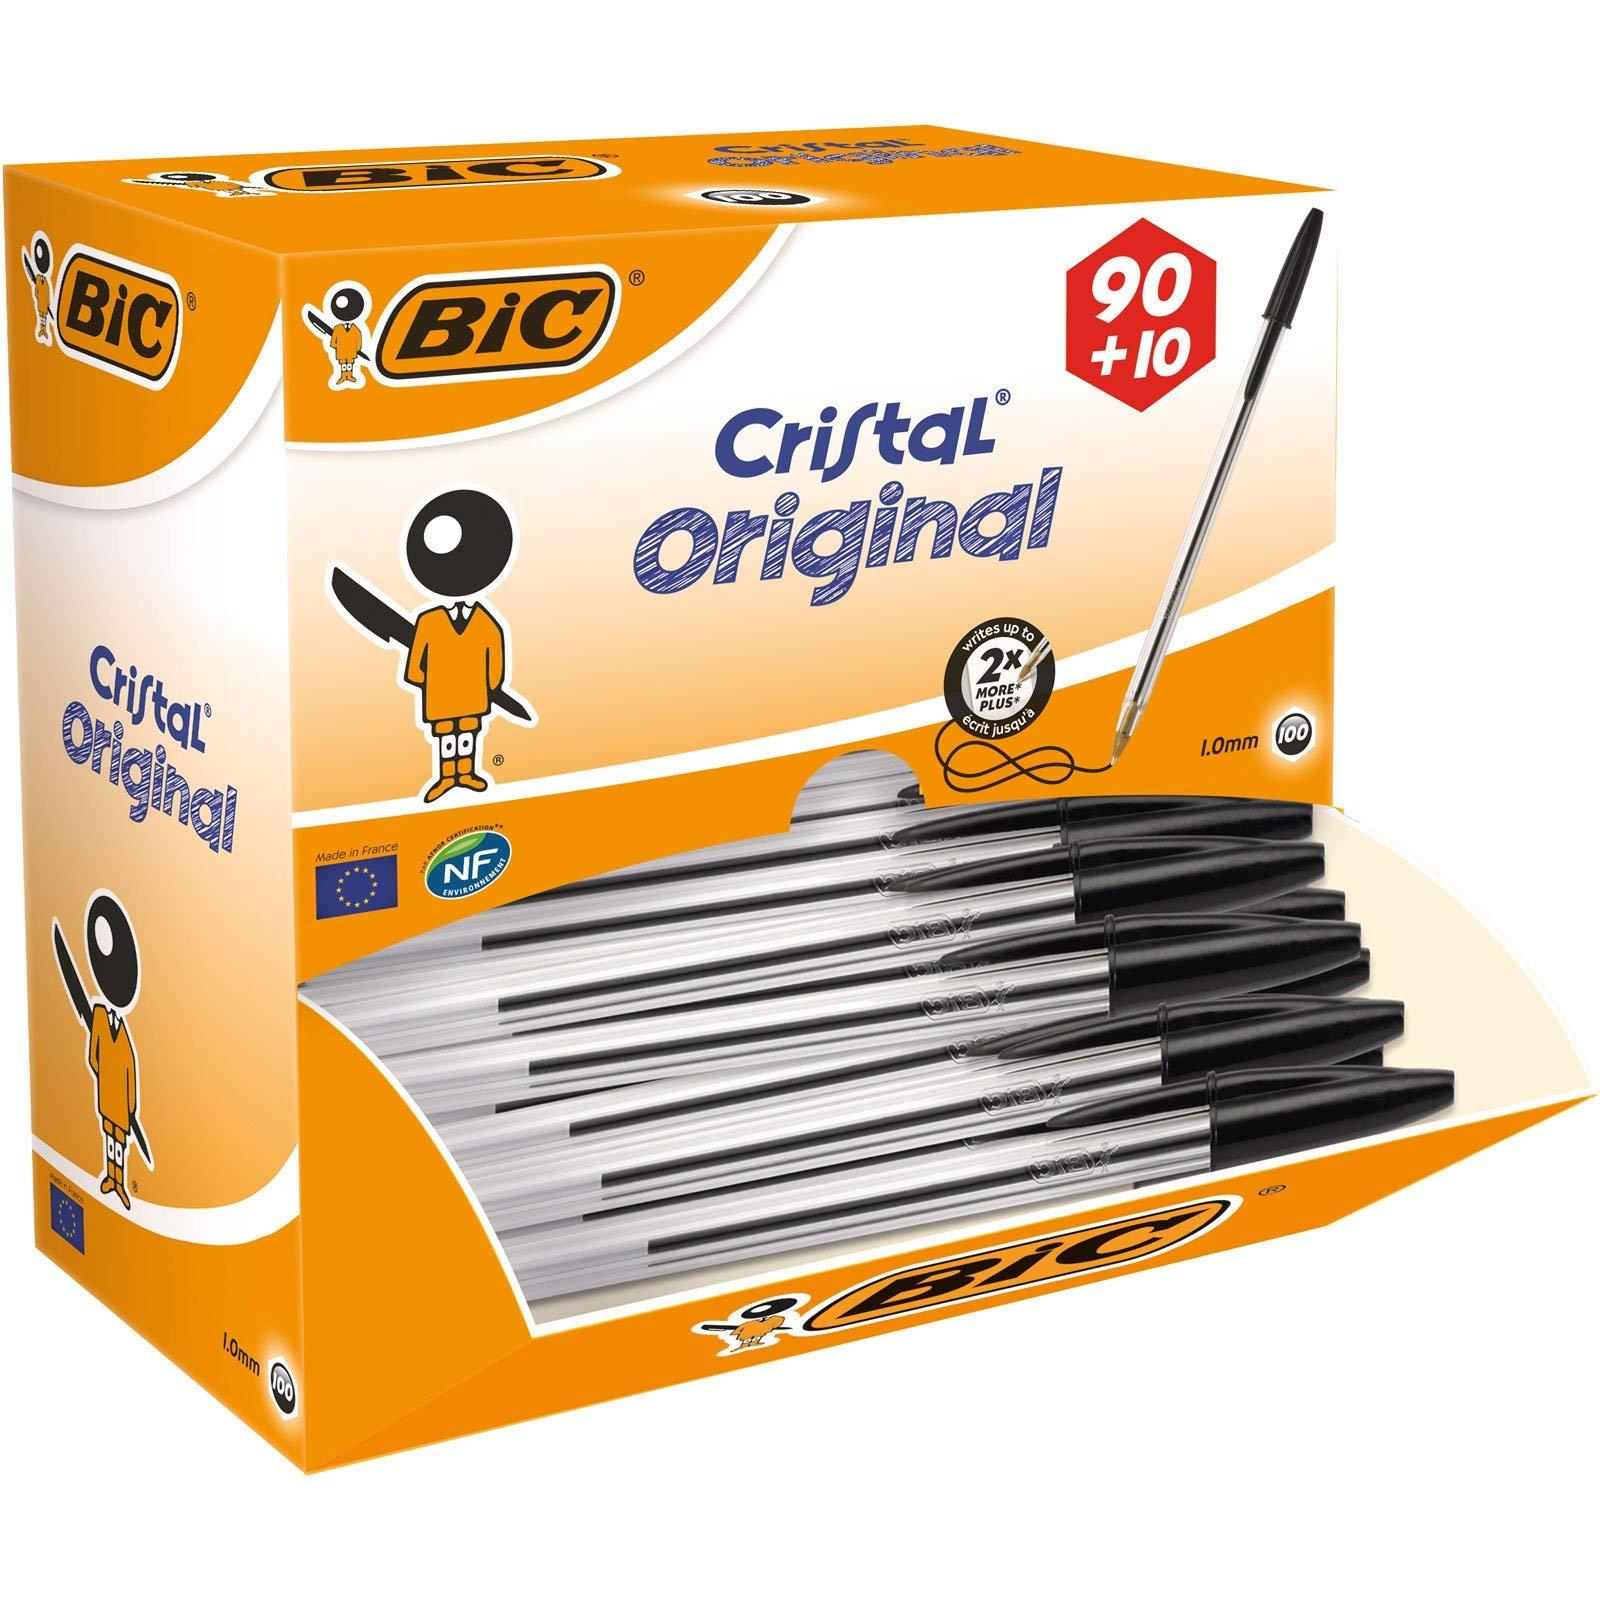 BiC Cristal medium - Bolígrafo de punta redonda, color transparente, caja de 100 unidades: Amazon.es: Oficina y papelería